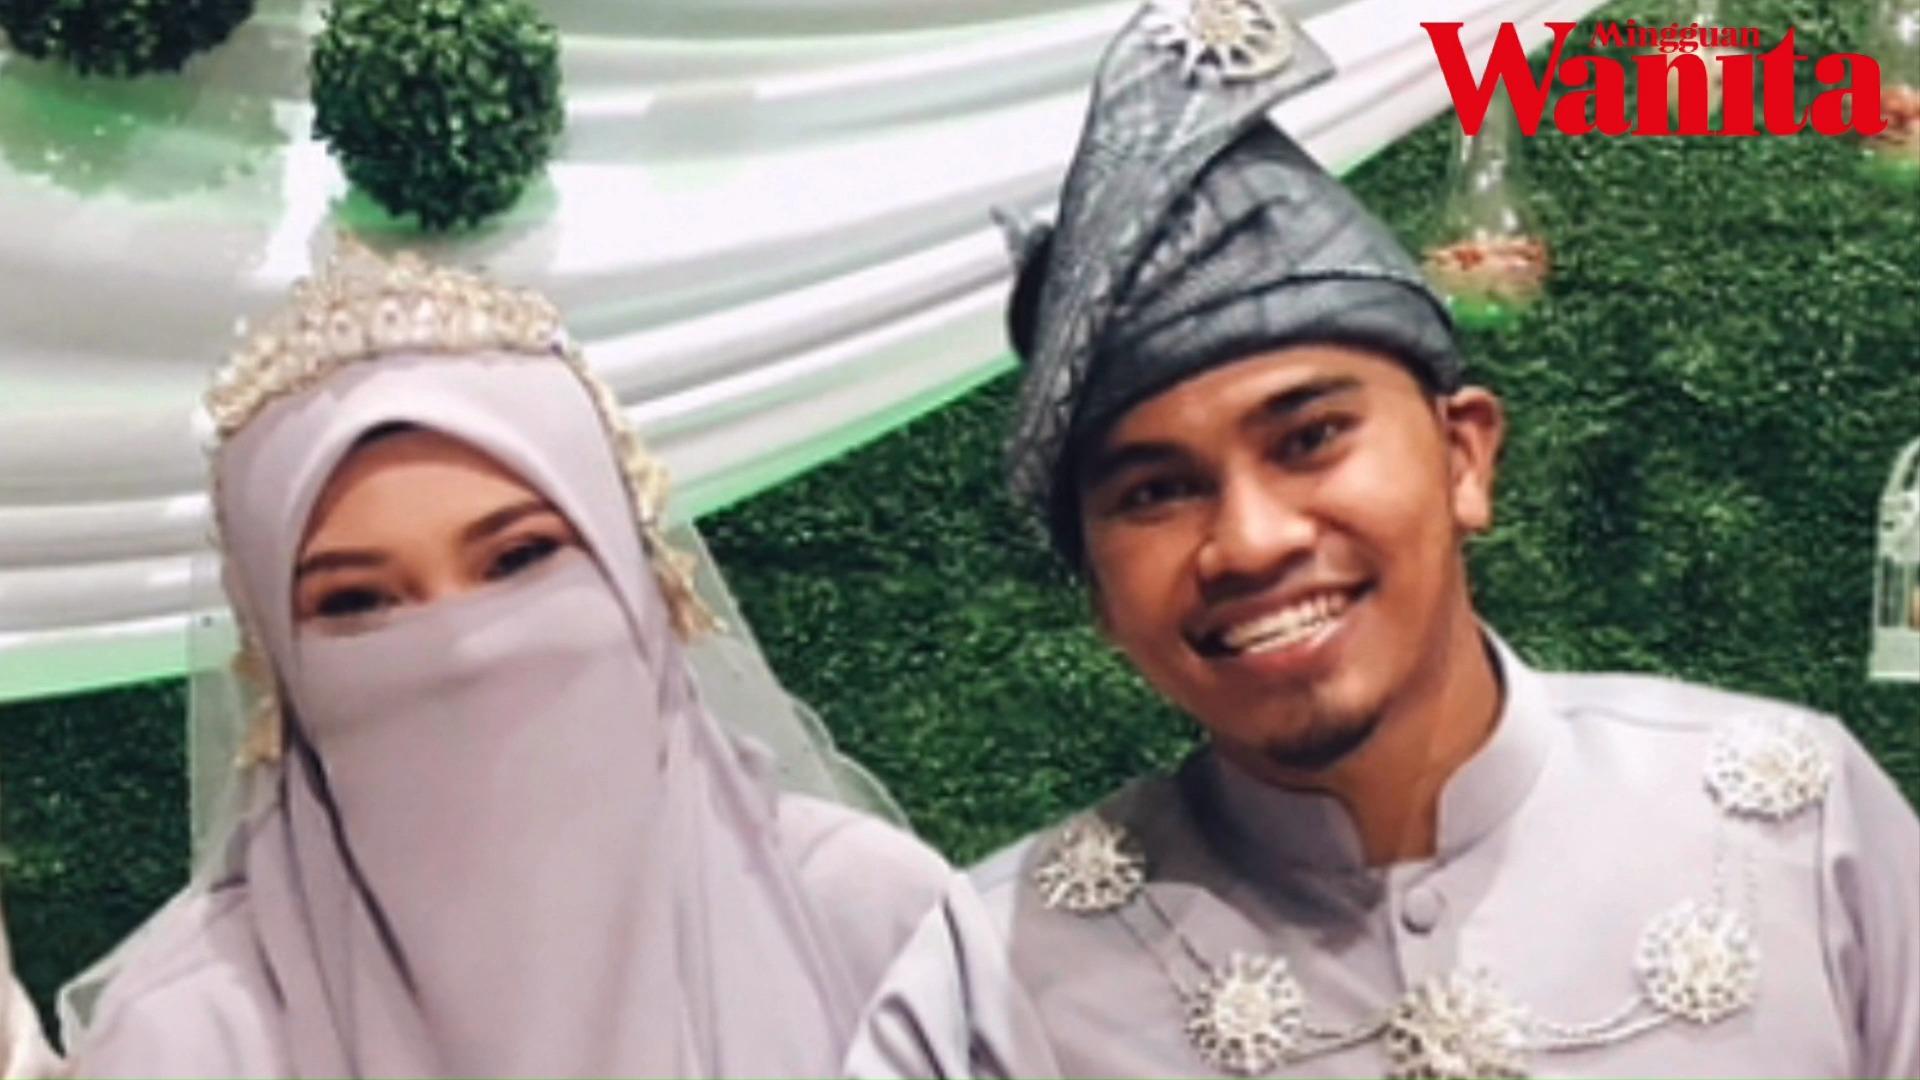 2 Kali Lafaz Cerai Pun, PU Abu Masih Suami Ain Yang Sah